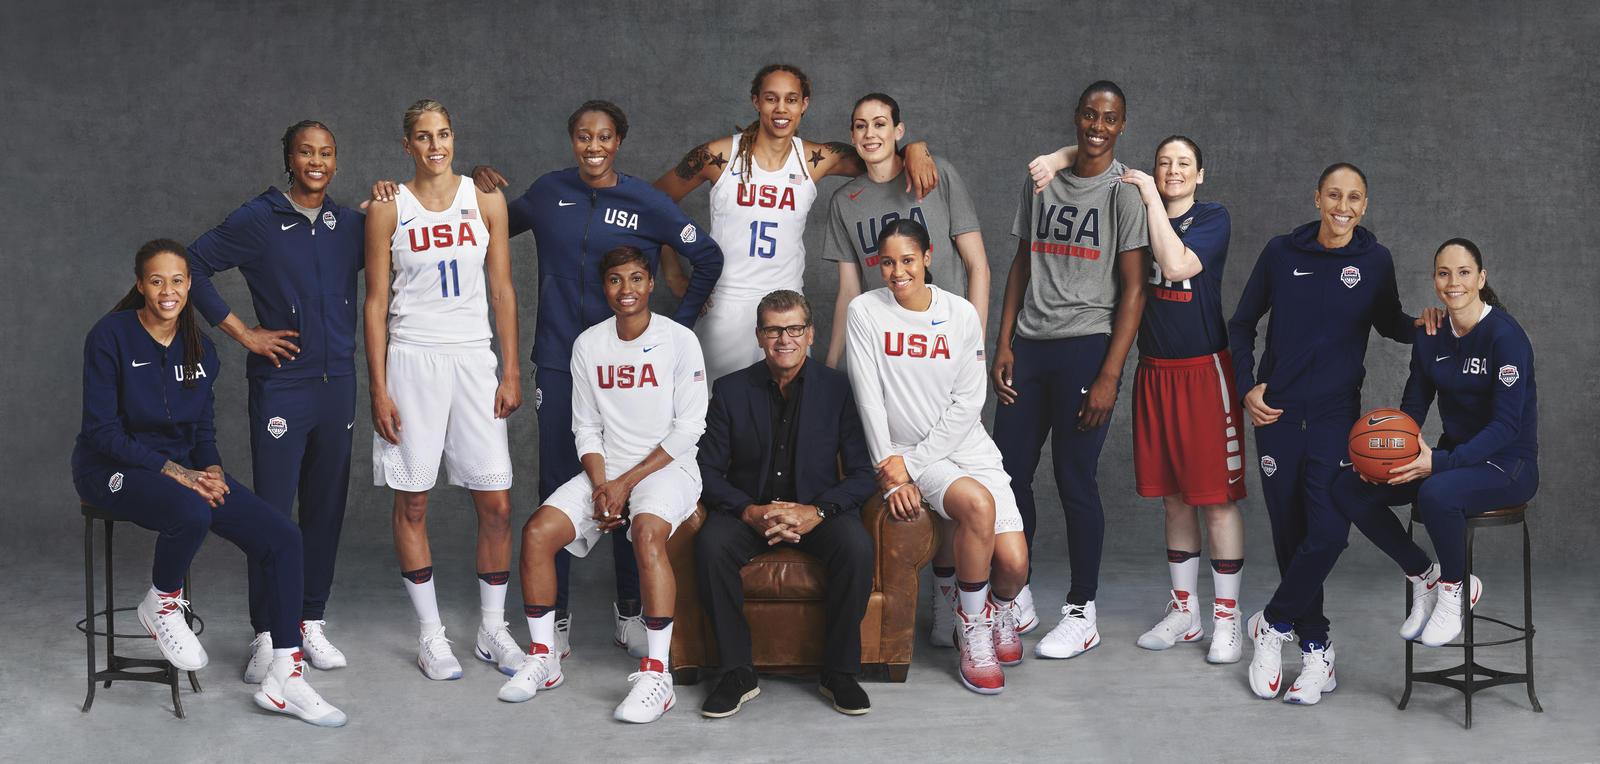 Nike Usa Basketball: 2016 USA Women's Basketball